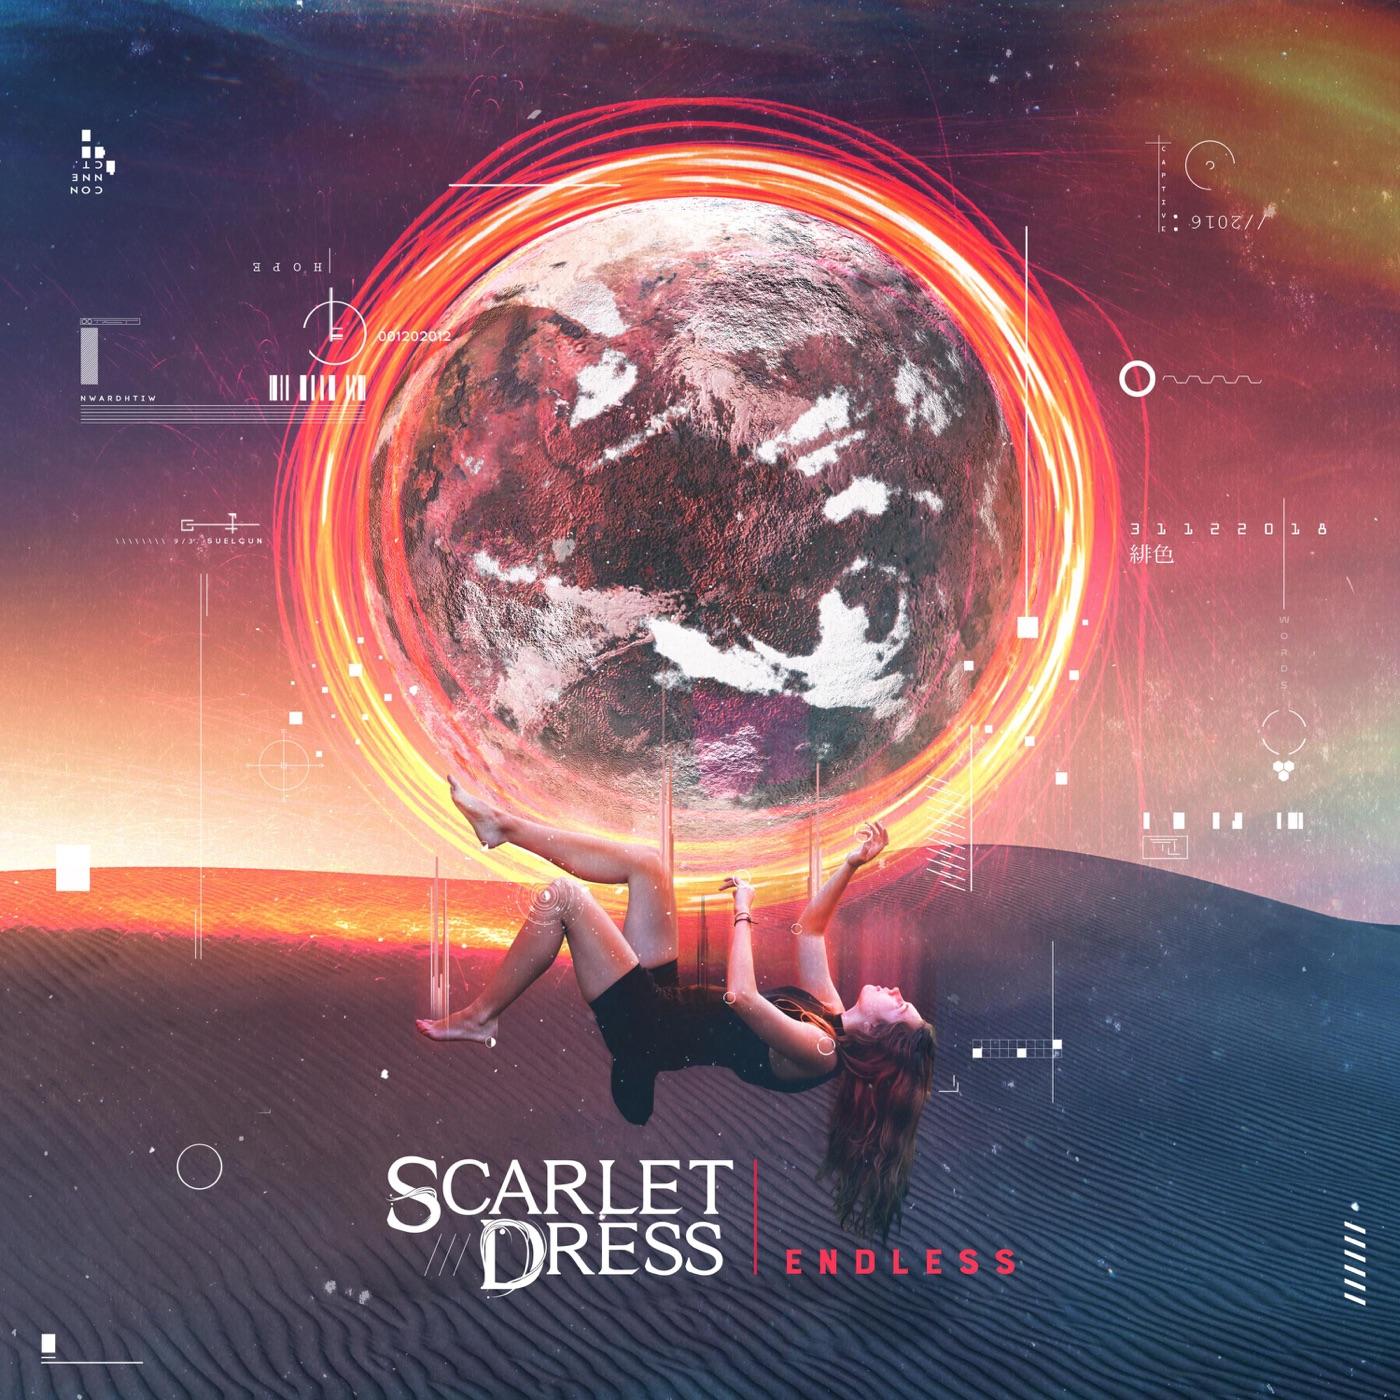 Scarlet Dress - Endless (2019)